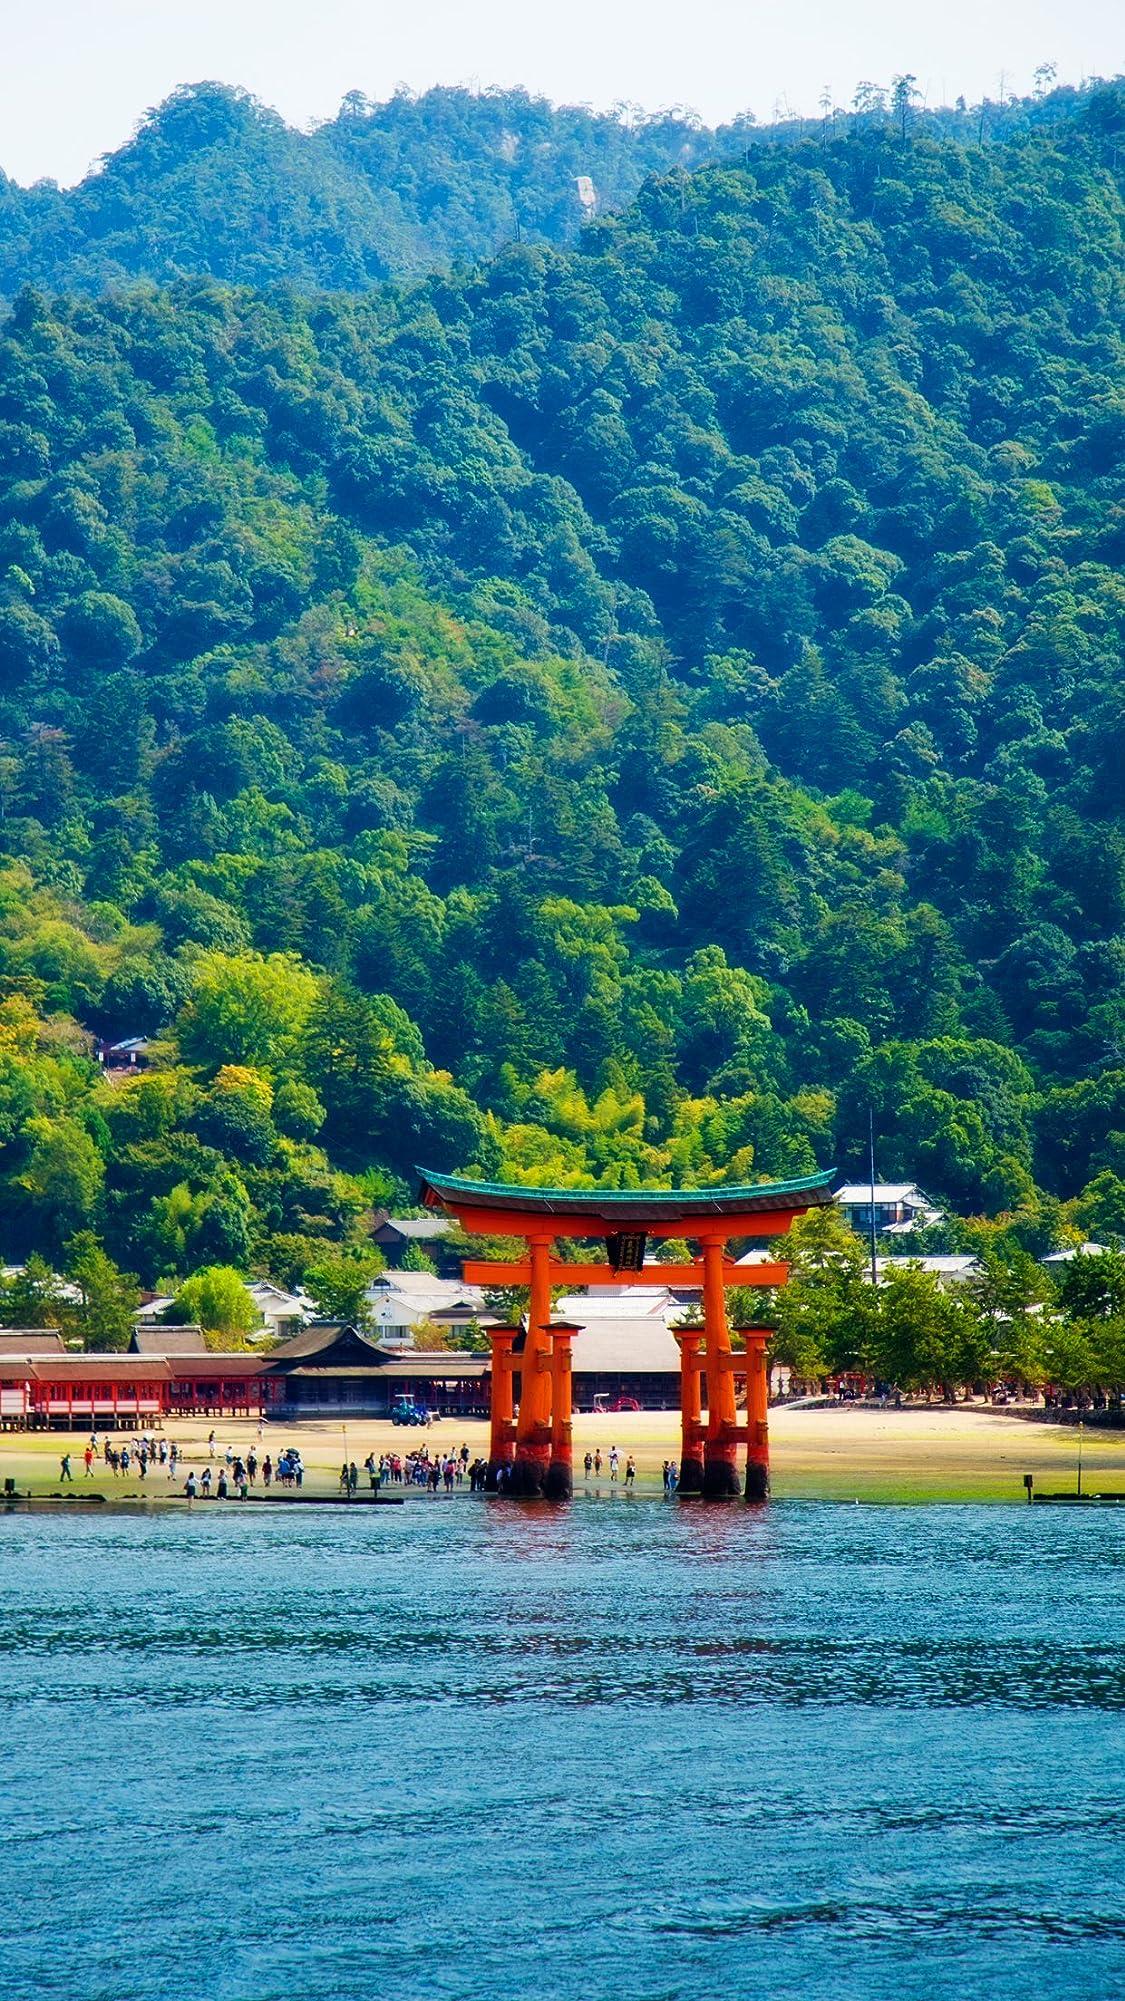 世界遺産 厳島神社  iPhone8,7,6 Plus 壁紙 拡大(1125×2001)画像